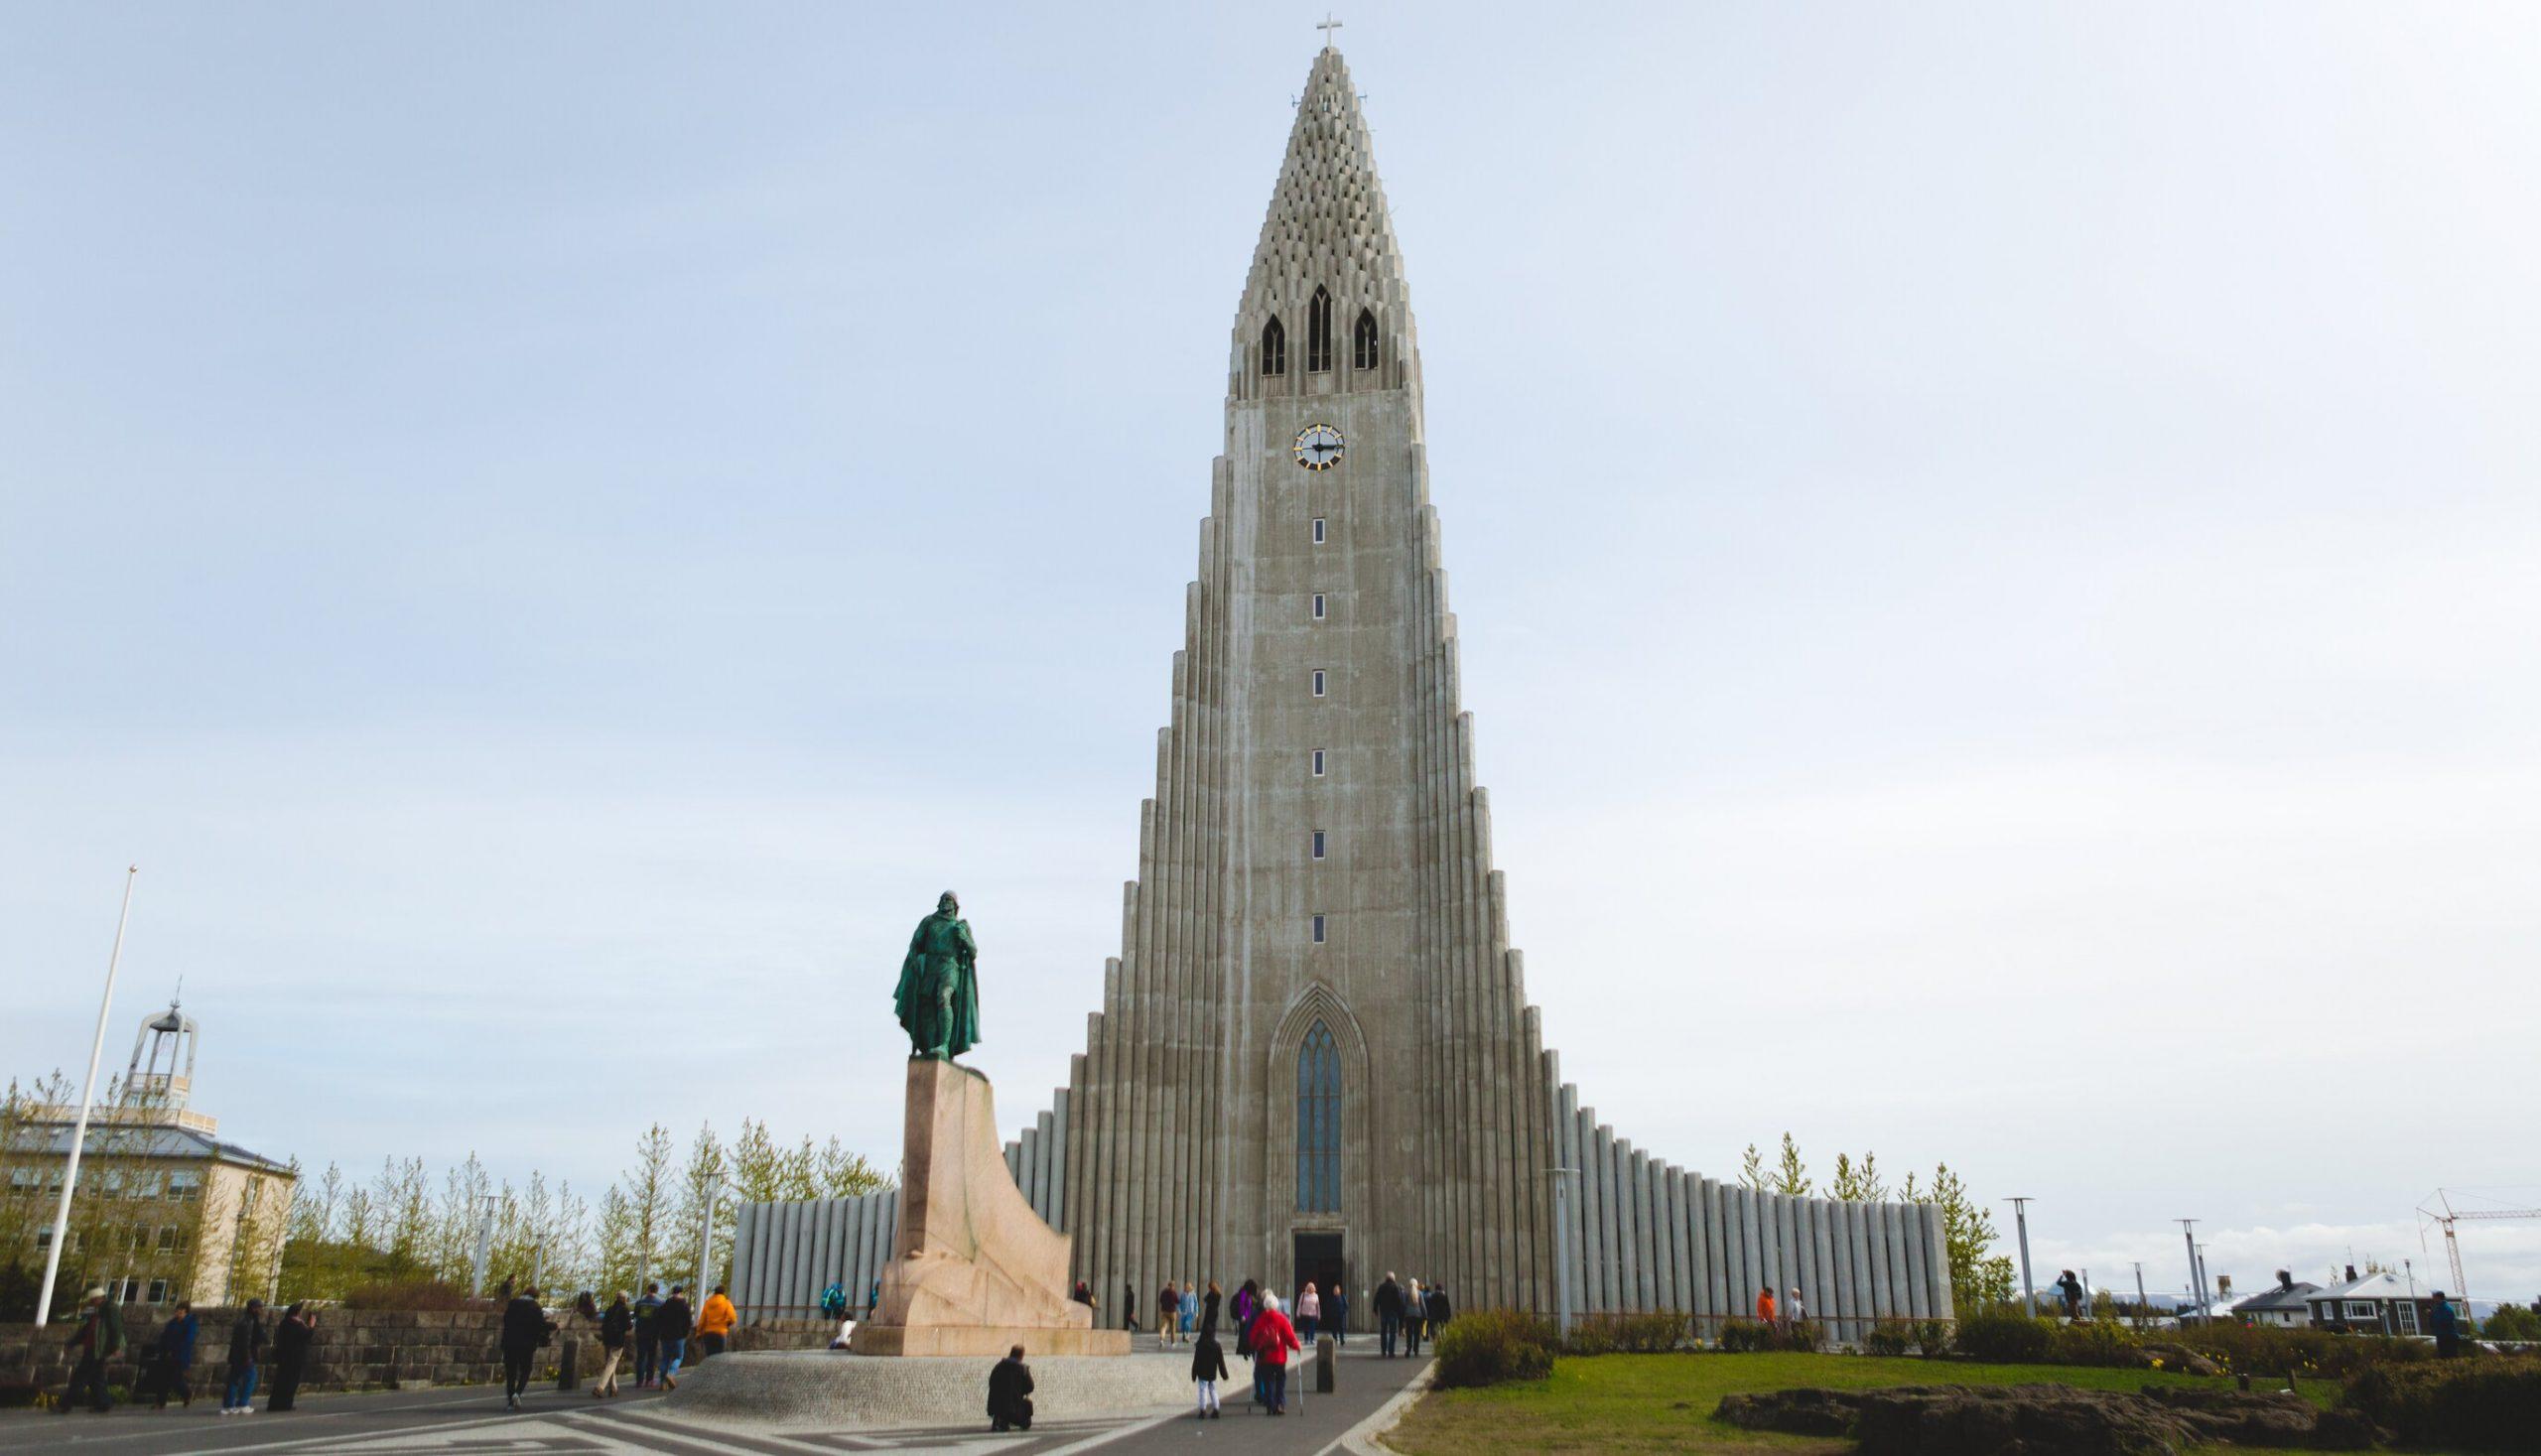 Islanda, țara cu cea mai mare rată de vaccinare, reintroduce restricțiile anti-Covid